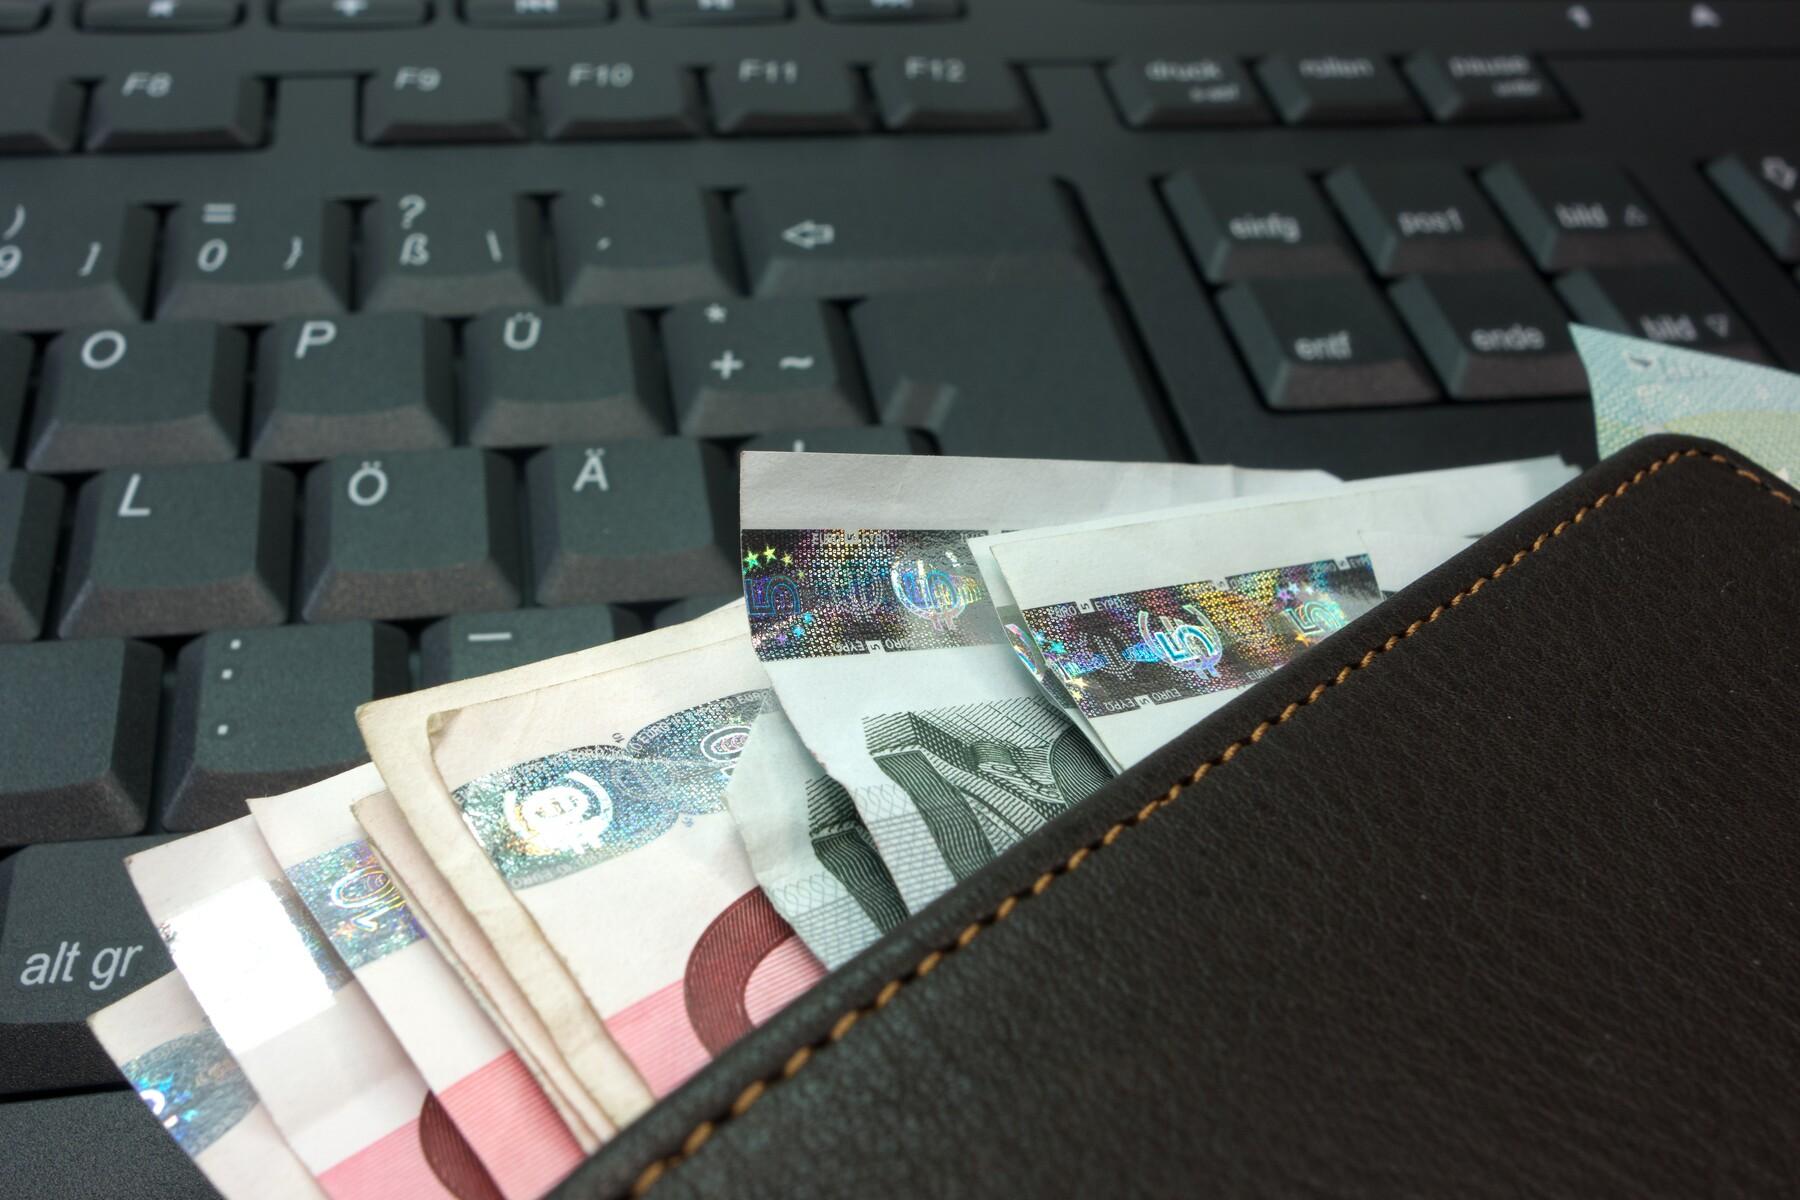 Die 10 Besten Notebooks Unter 300 Euro Notebookcheck Com Tests